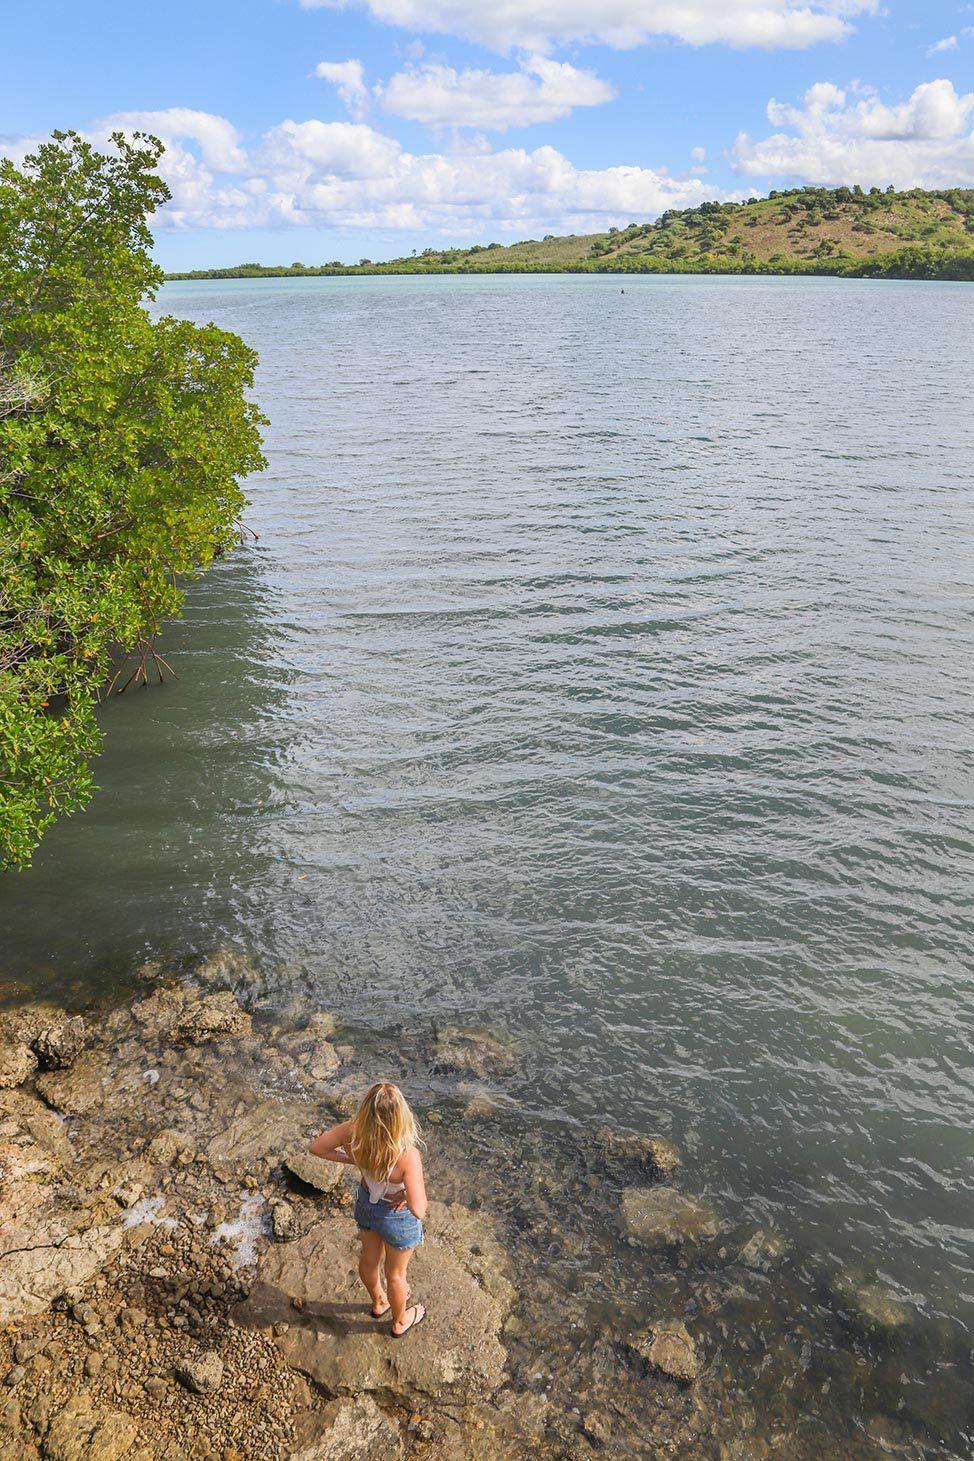 Santuario de Mamíferos Marinos de Estero Hondo, Dominican Republic